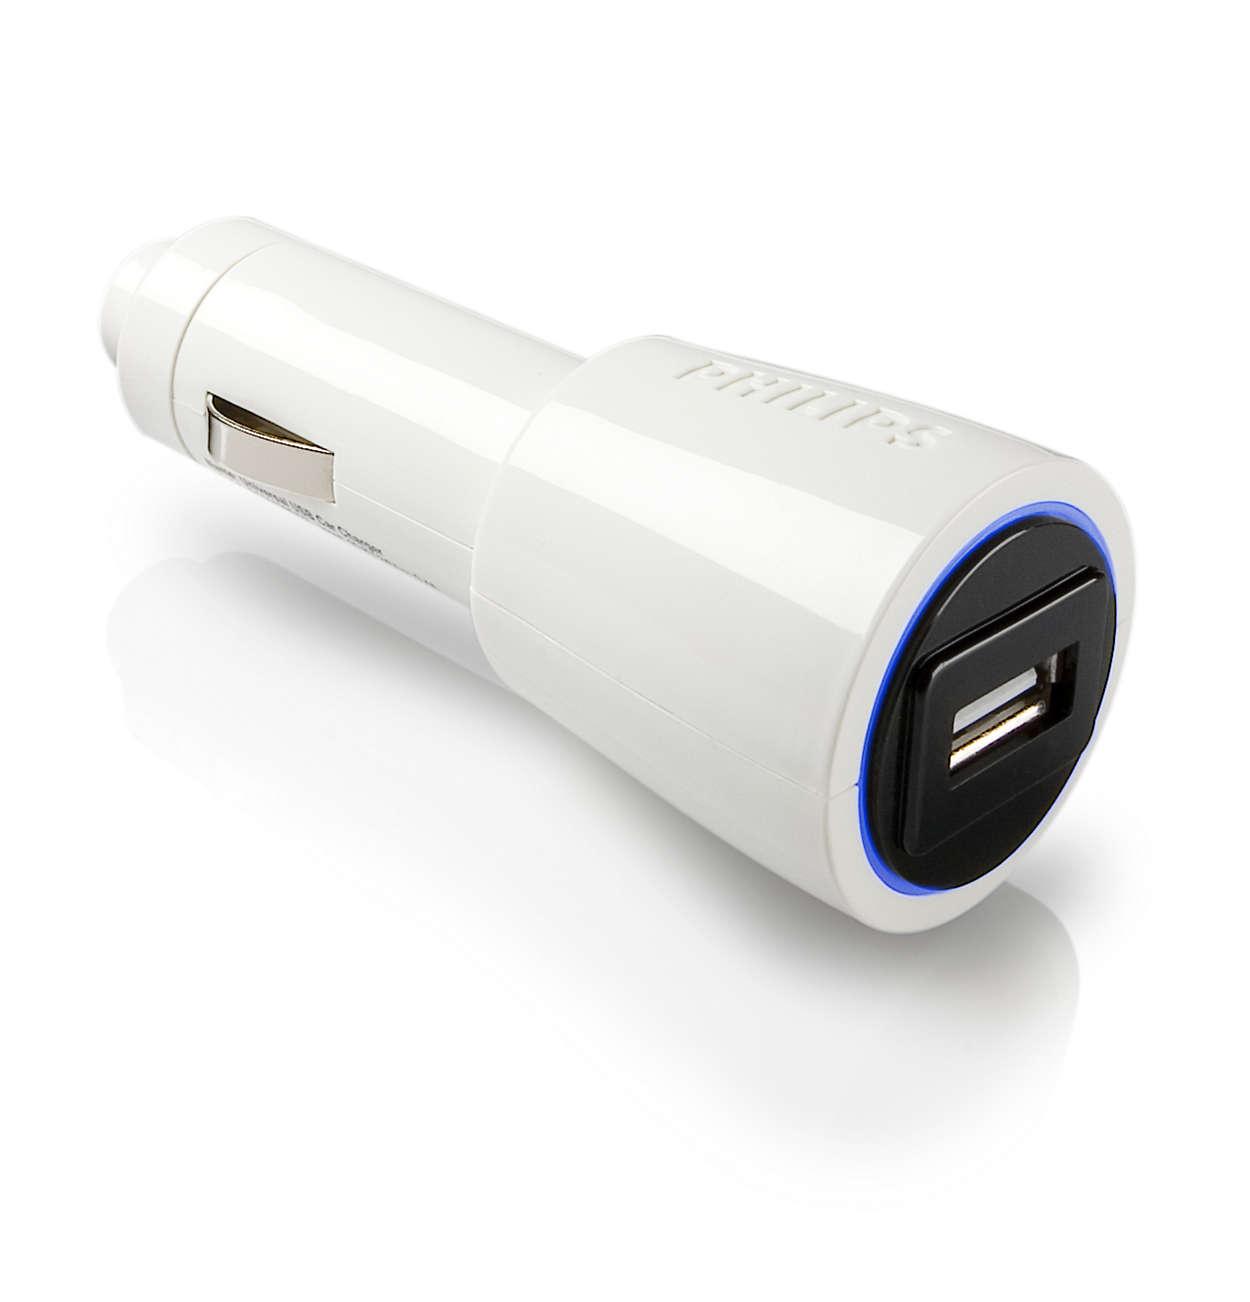 Chargez vos appareilsUSB lors de vos déplacements en voiture